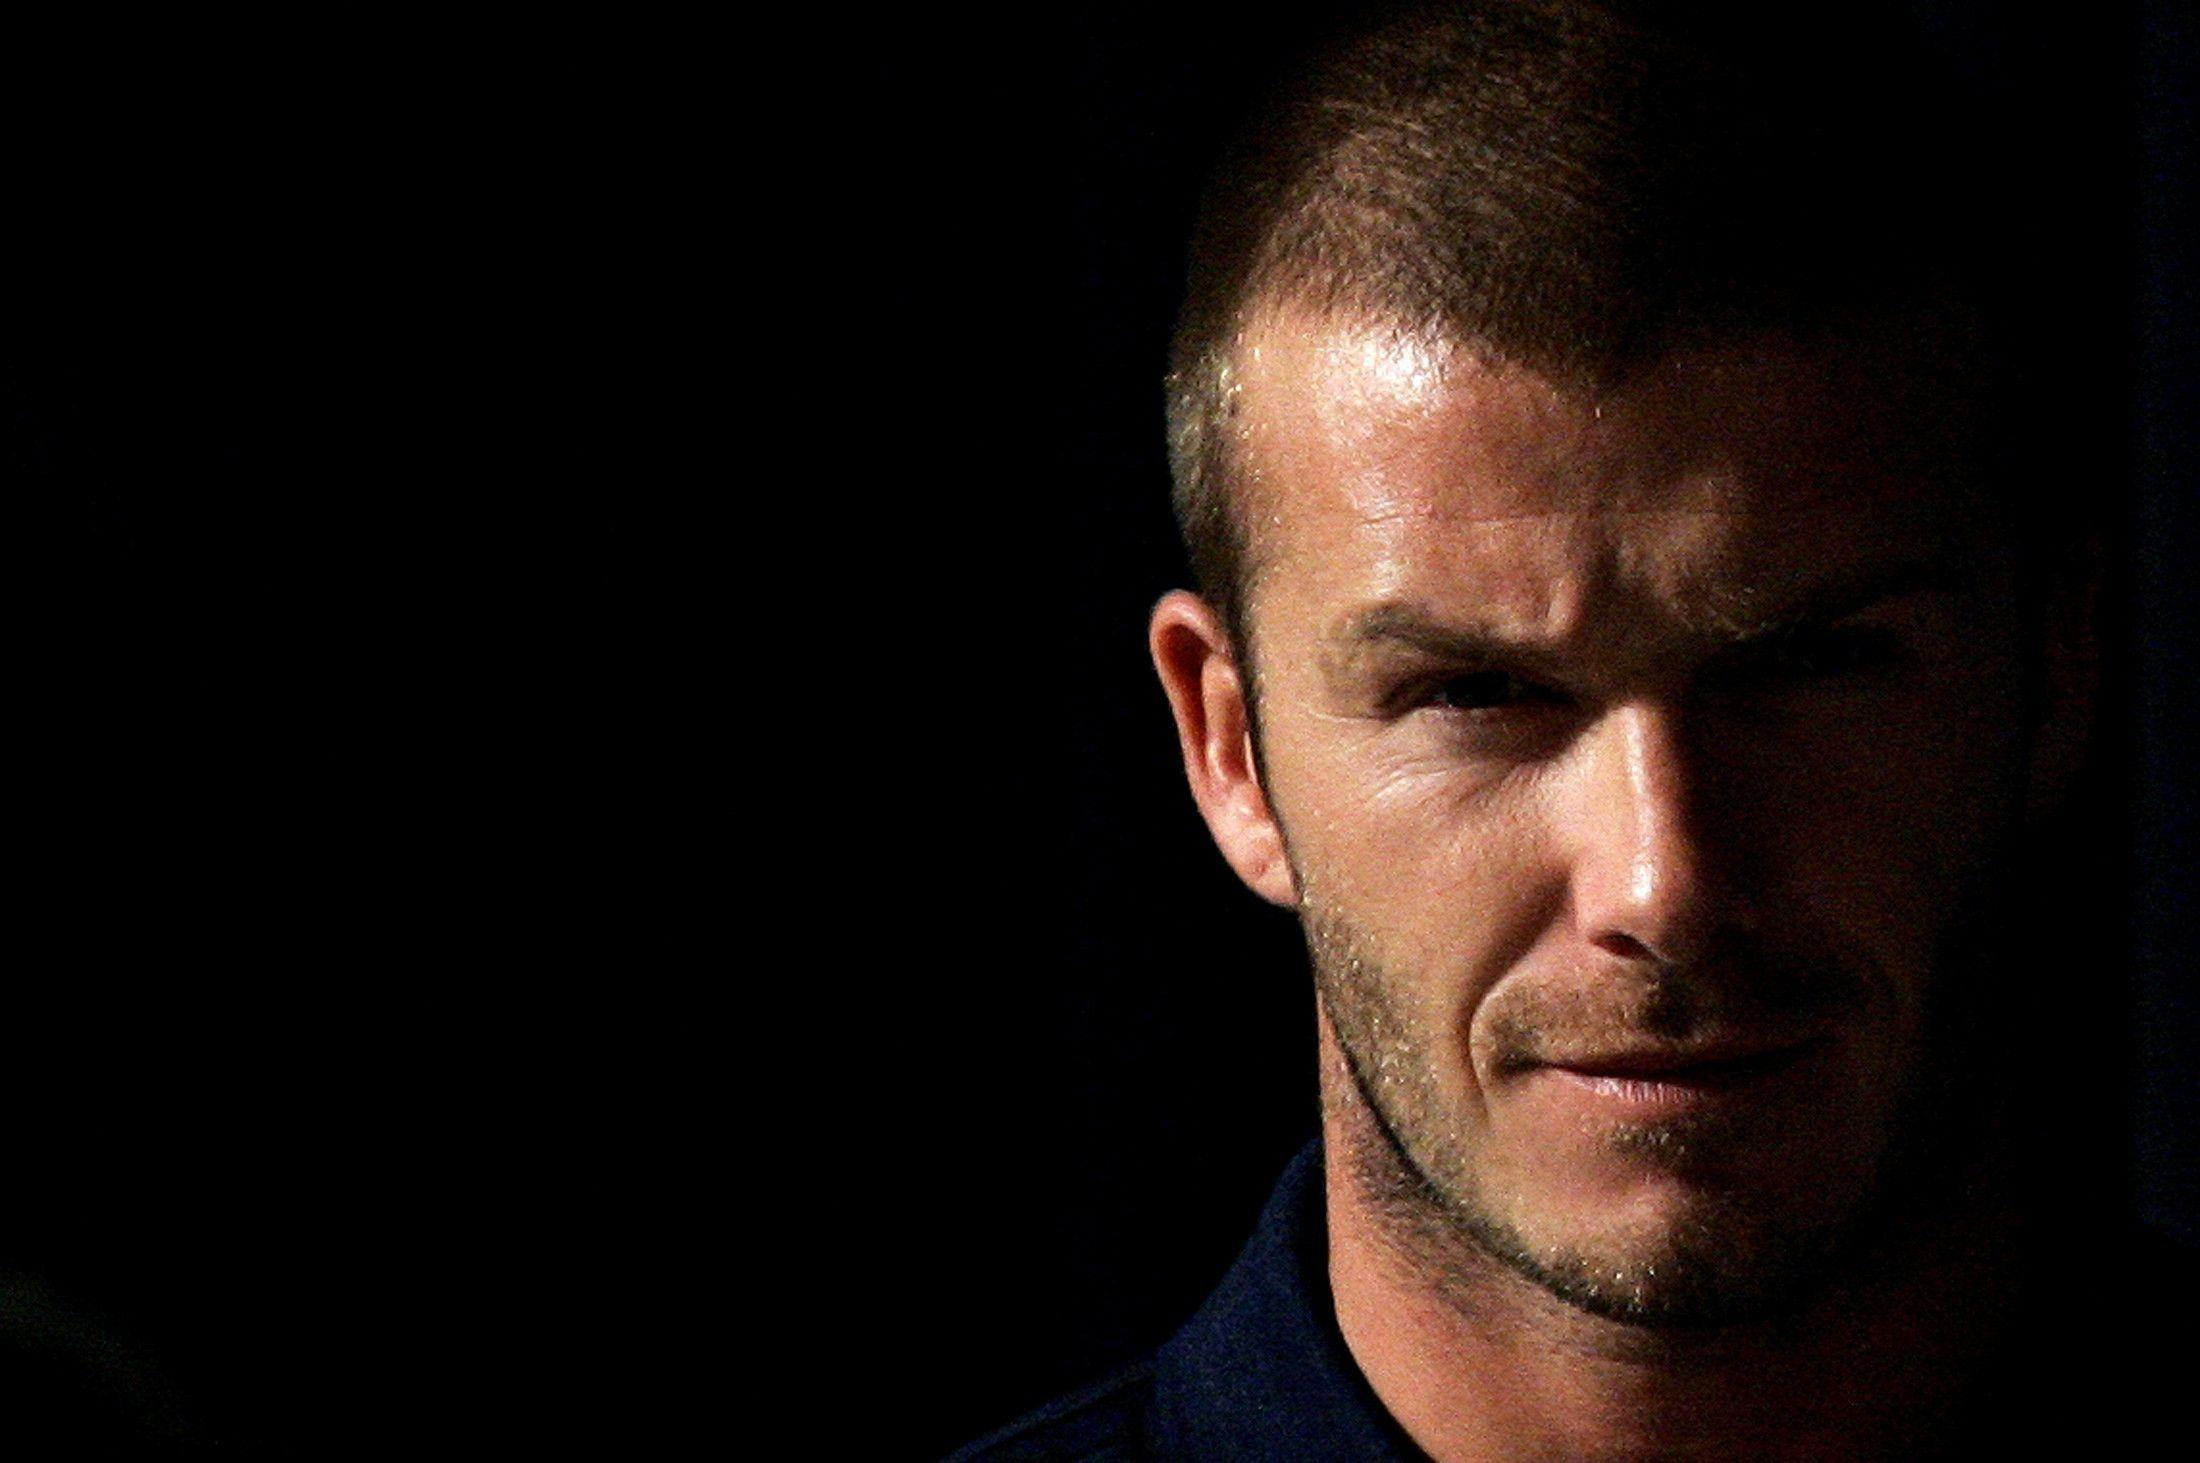 David Beckham Wallpapers Wallpaper Cave